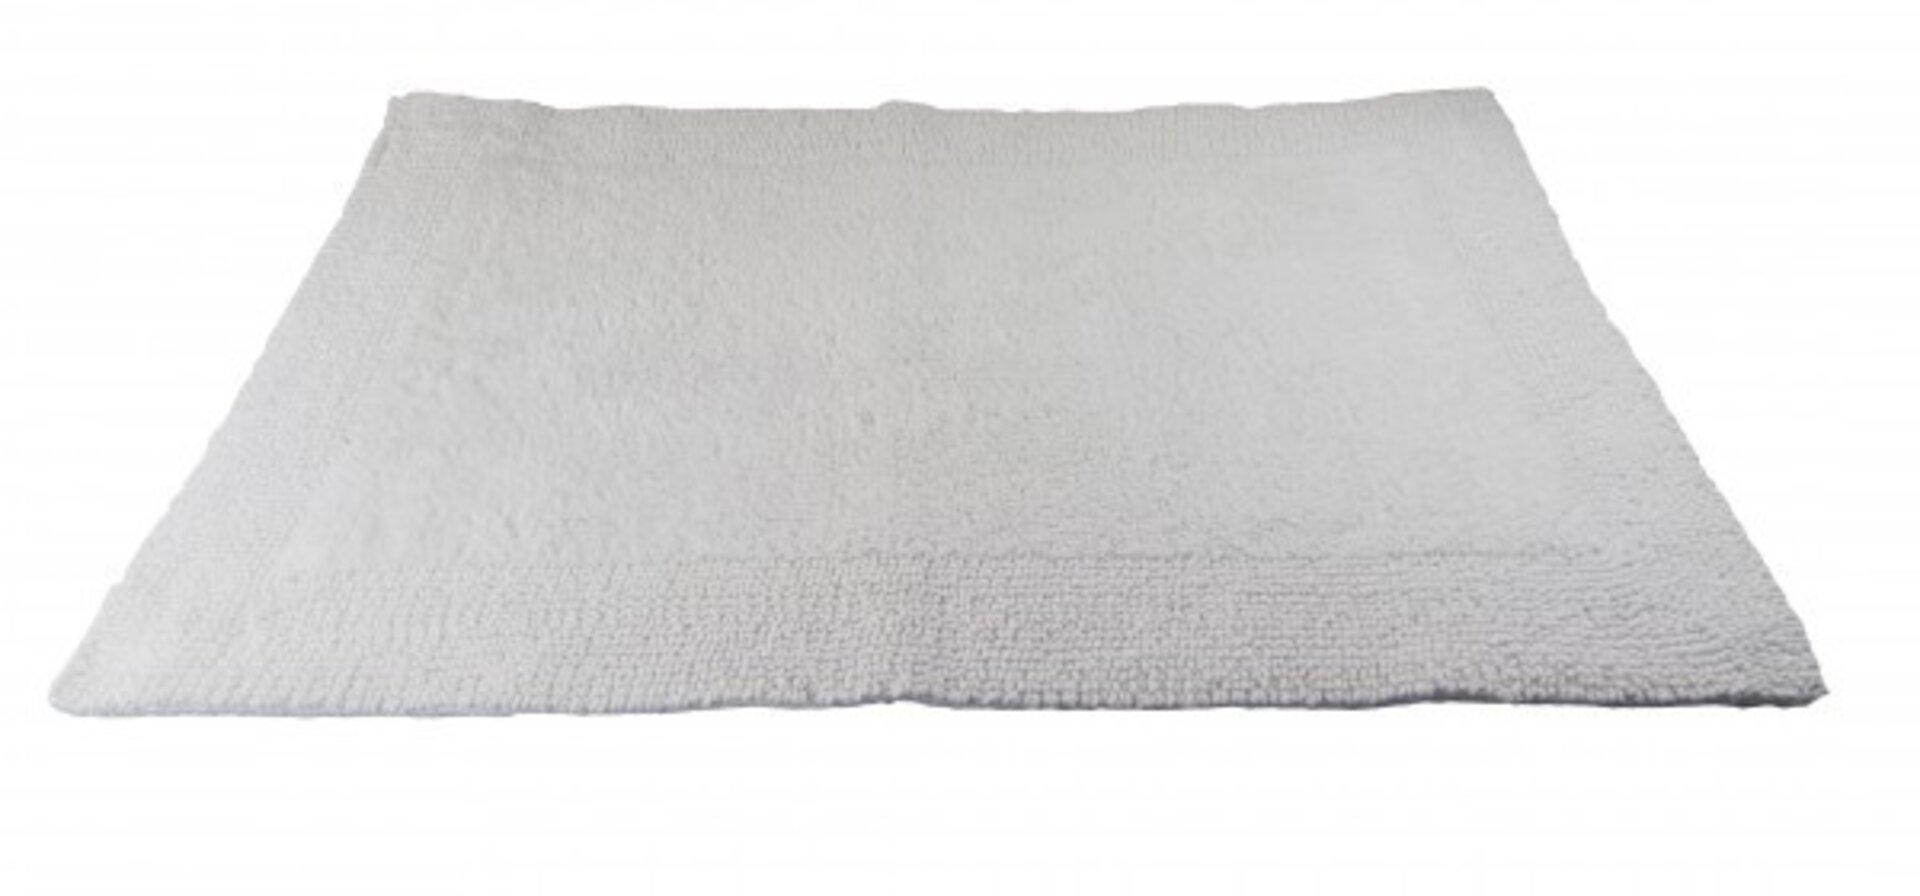 Badteppich Cleveland Casa Nova Textil weiß 70 x 120 cm